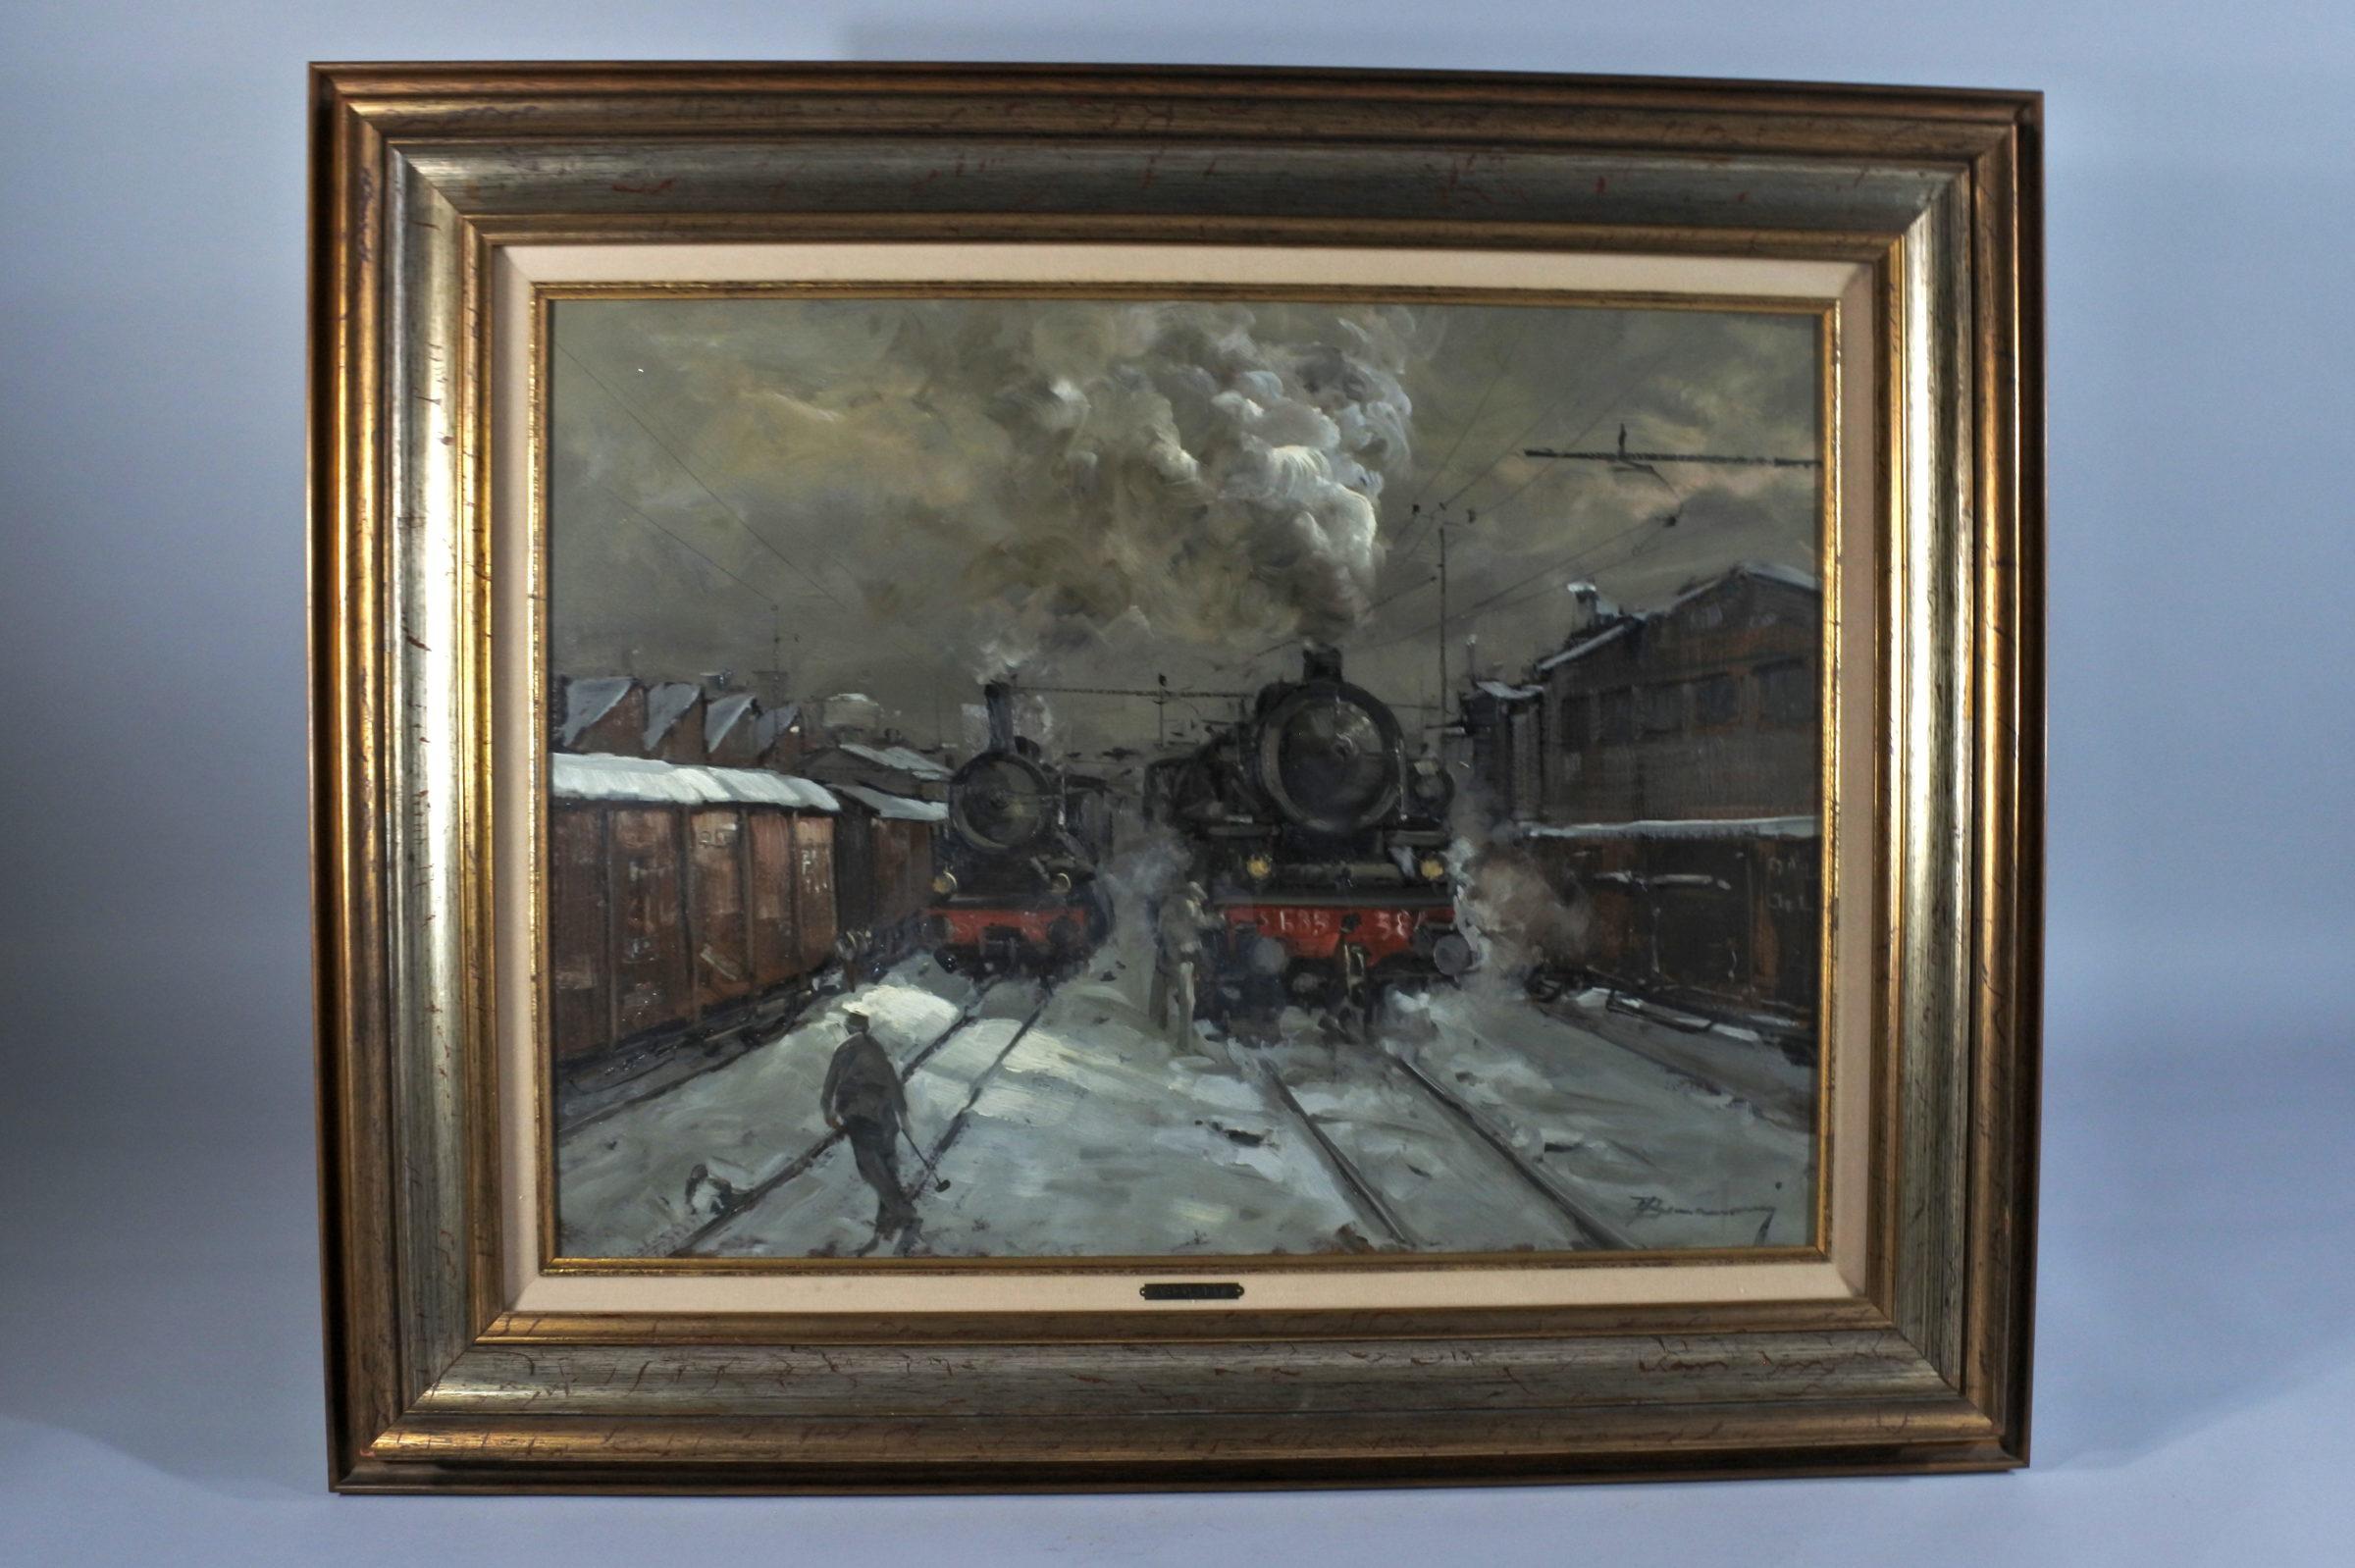 Quadro ad olio su tavola rappresentante treni a vapore in stazione - Arturo Bonanomi